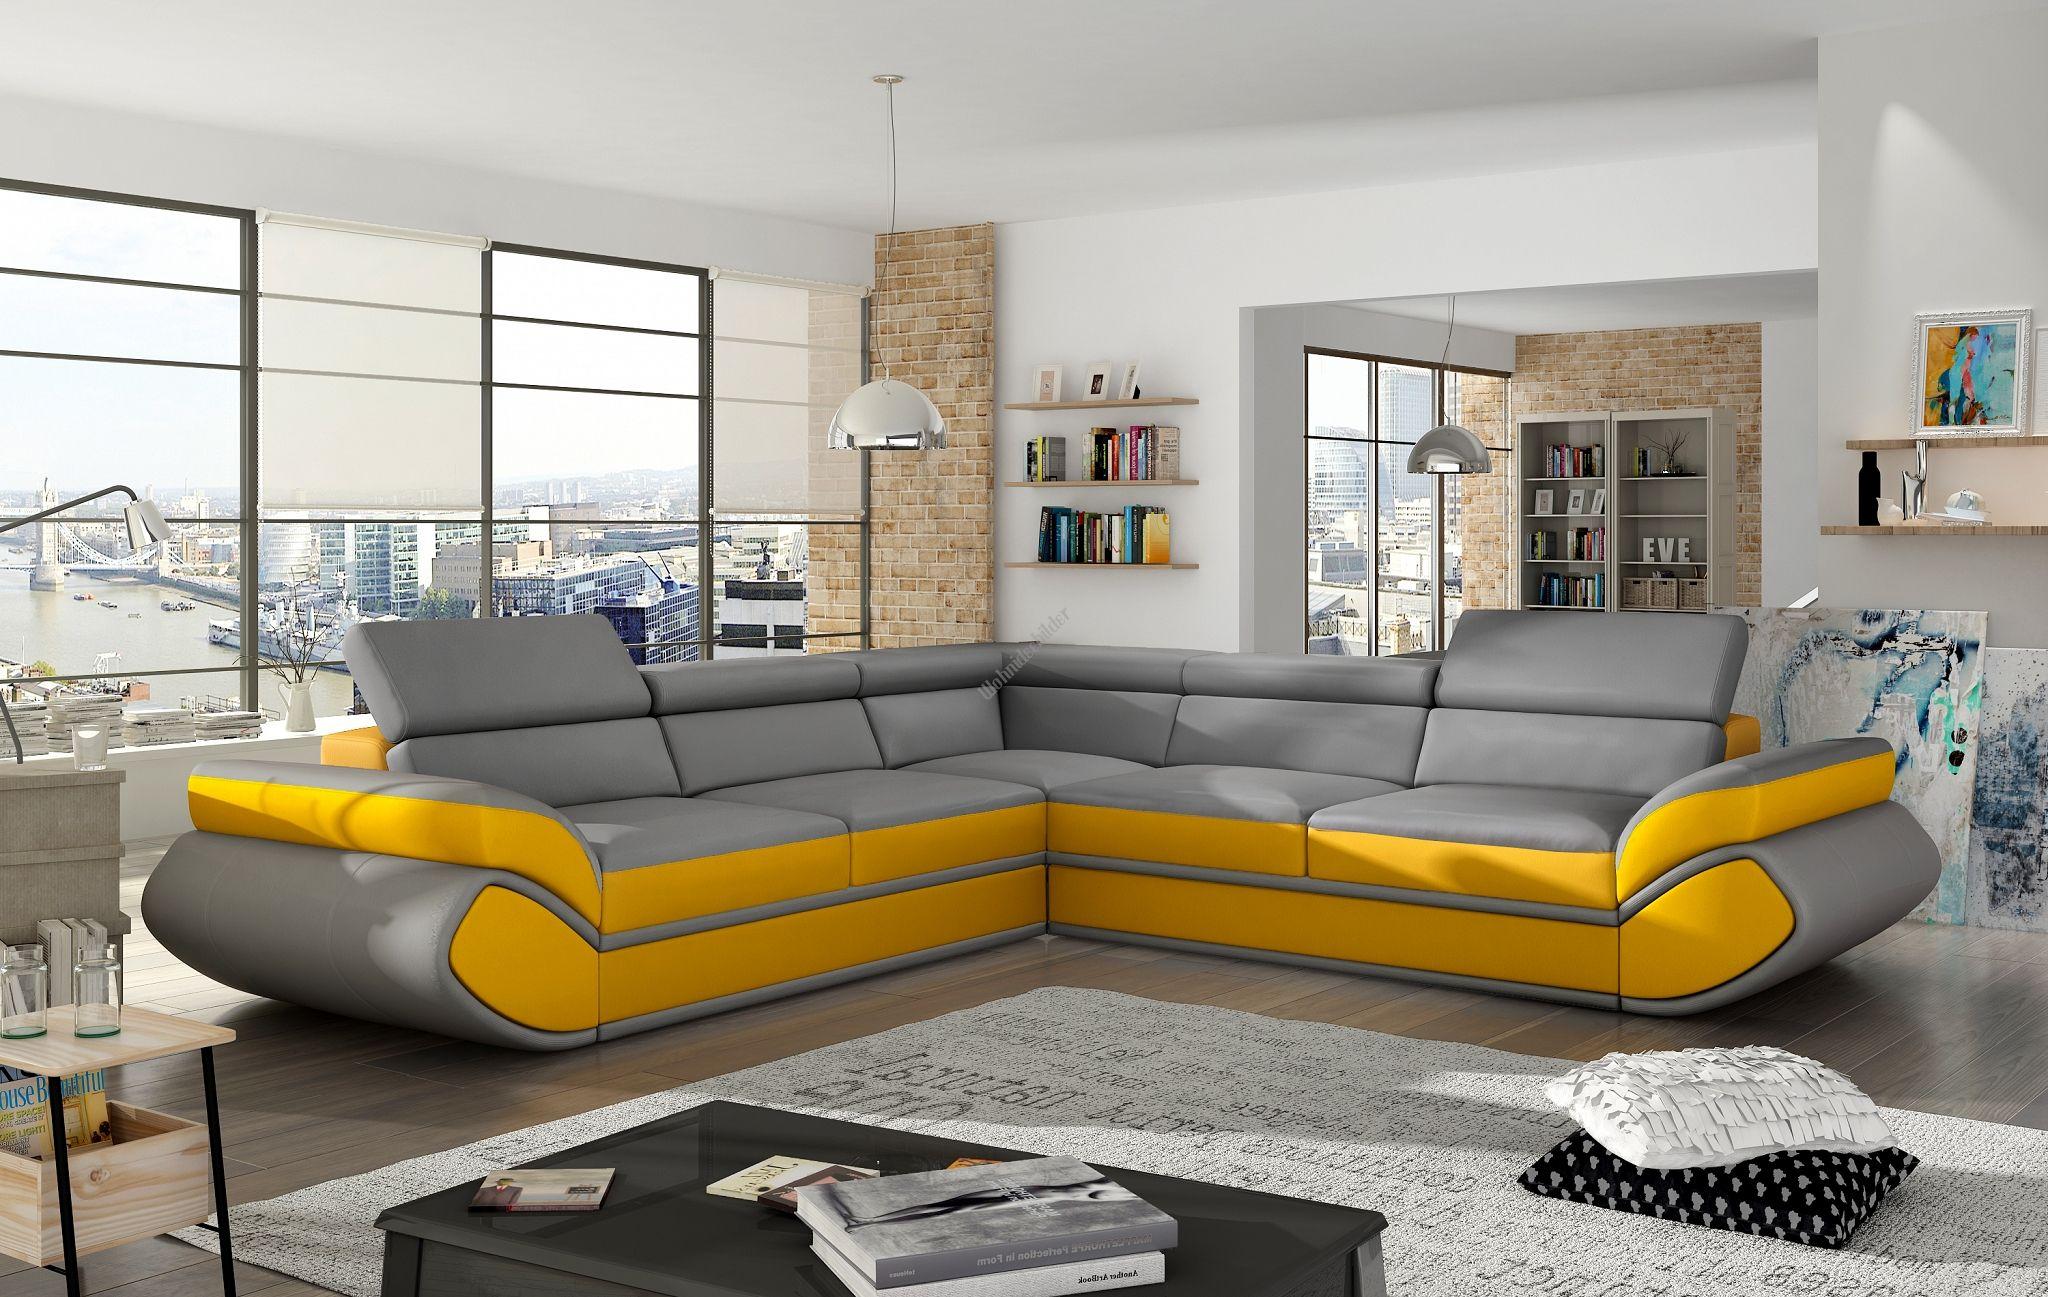 pin von wohnideebilder gmbh auf wohnideebilder gmbh polsterm bel etagenbetten f r kinder. Black Bedroom Furniture Sets. Home Design Ideas